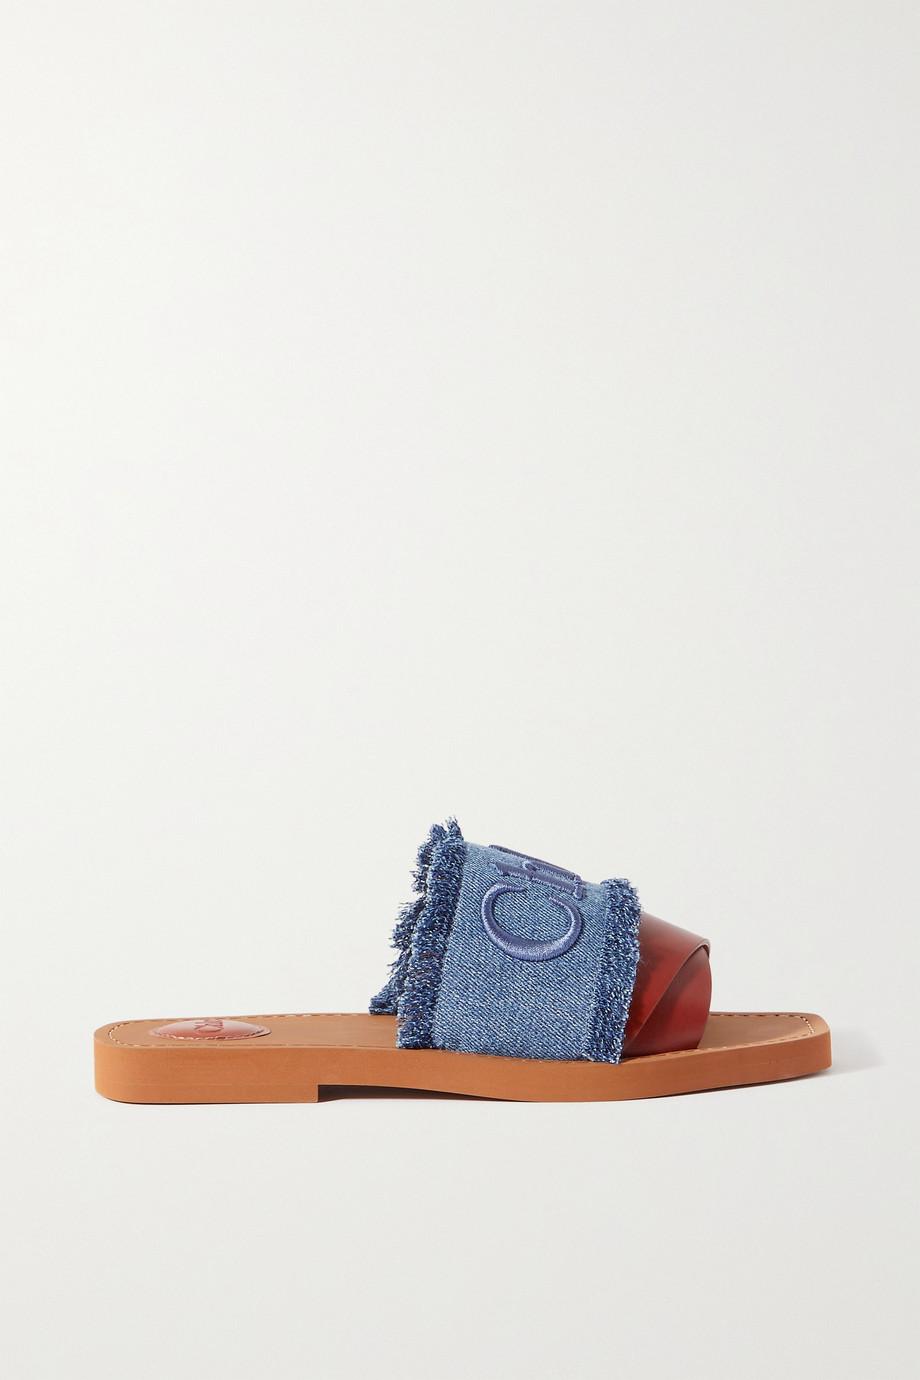 Chloé Claquettes en cuir et en jean effilé à logo Woody